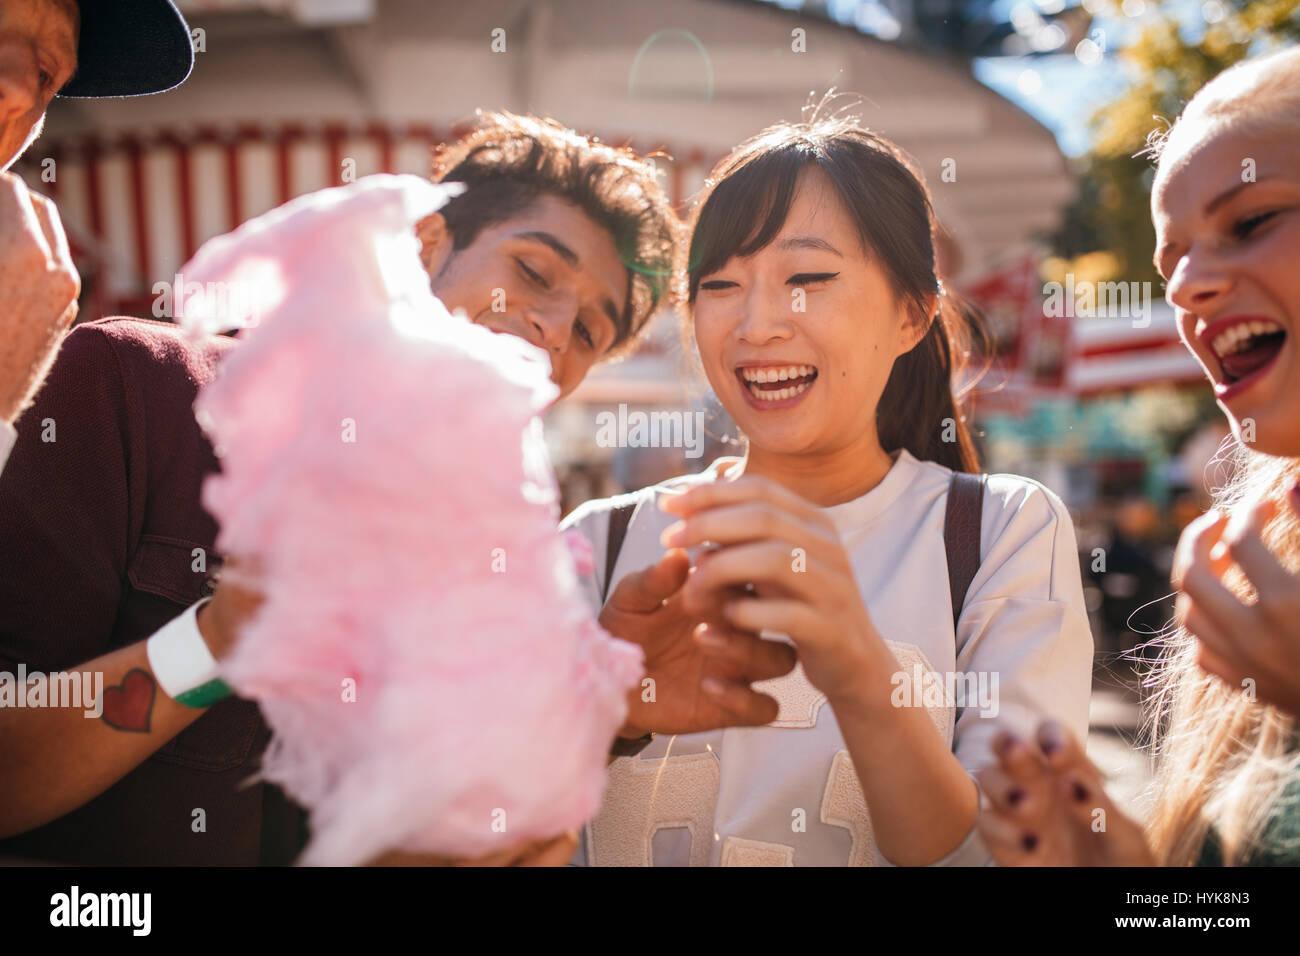 Grupo de Amigos comiendo candyfloss en el parque de diversiones. Sonriente joven gente compartiendo Cotton Candy Imagen De Stock